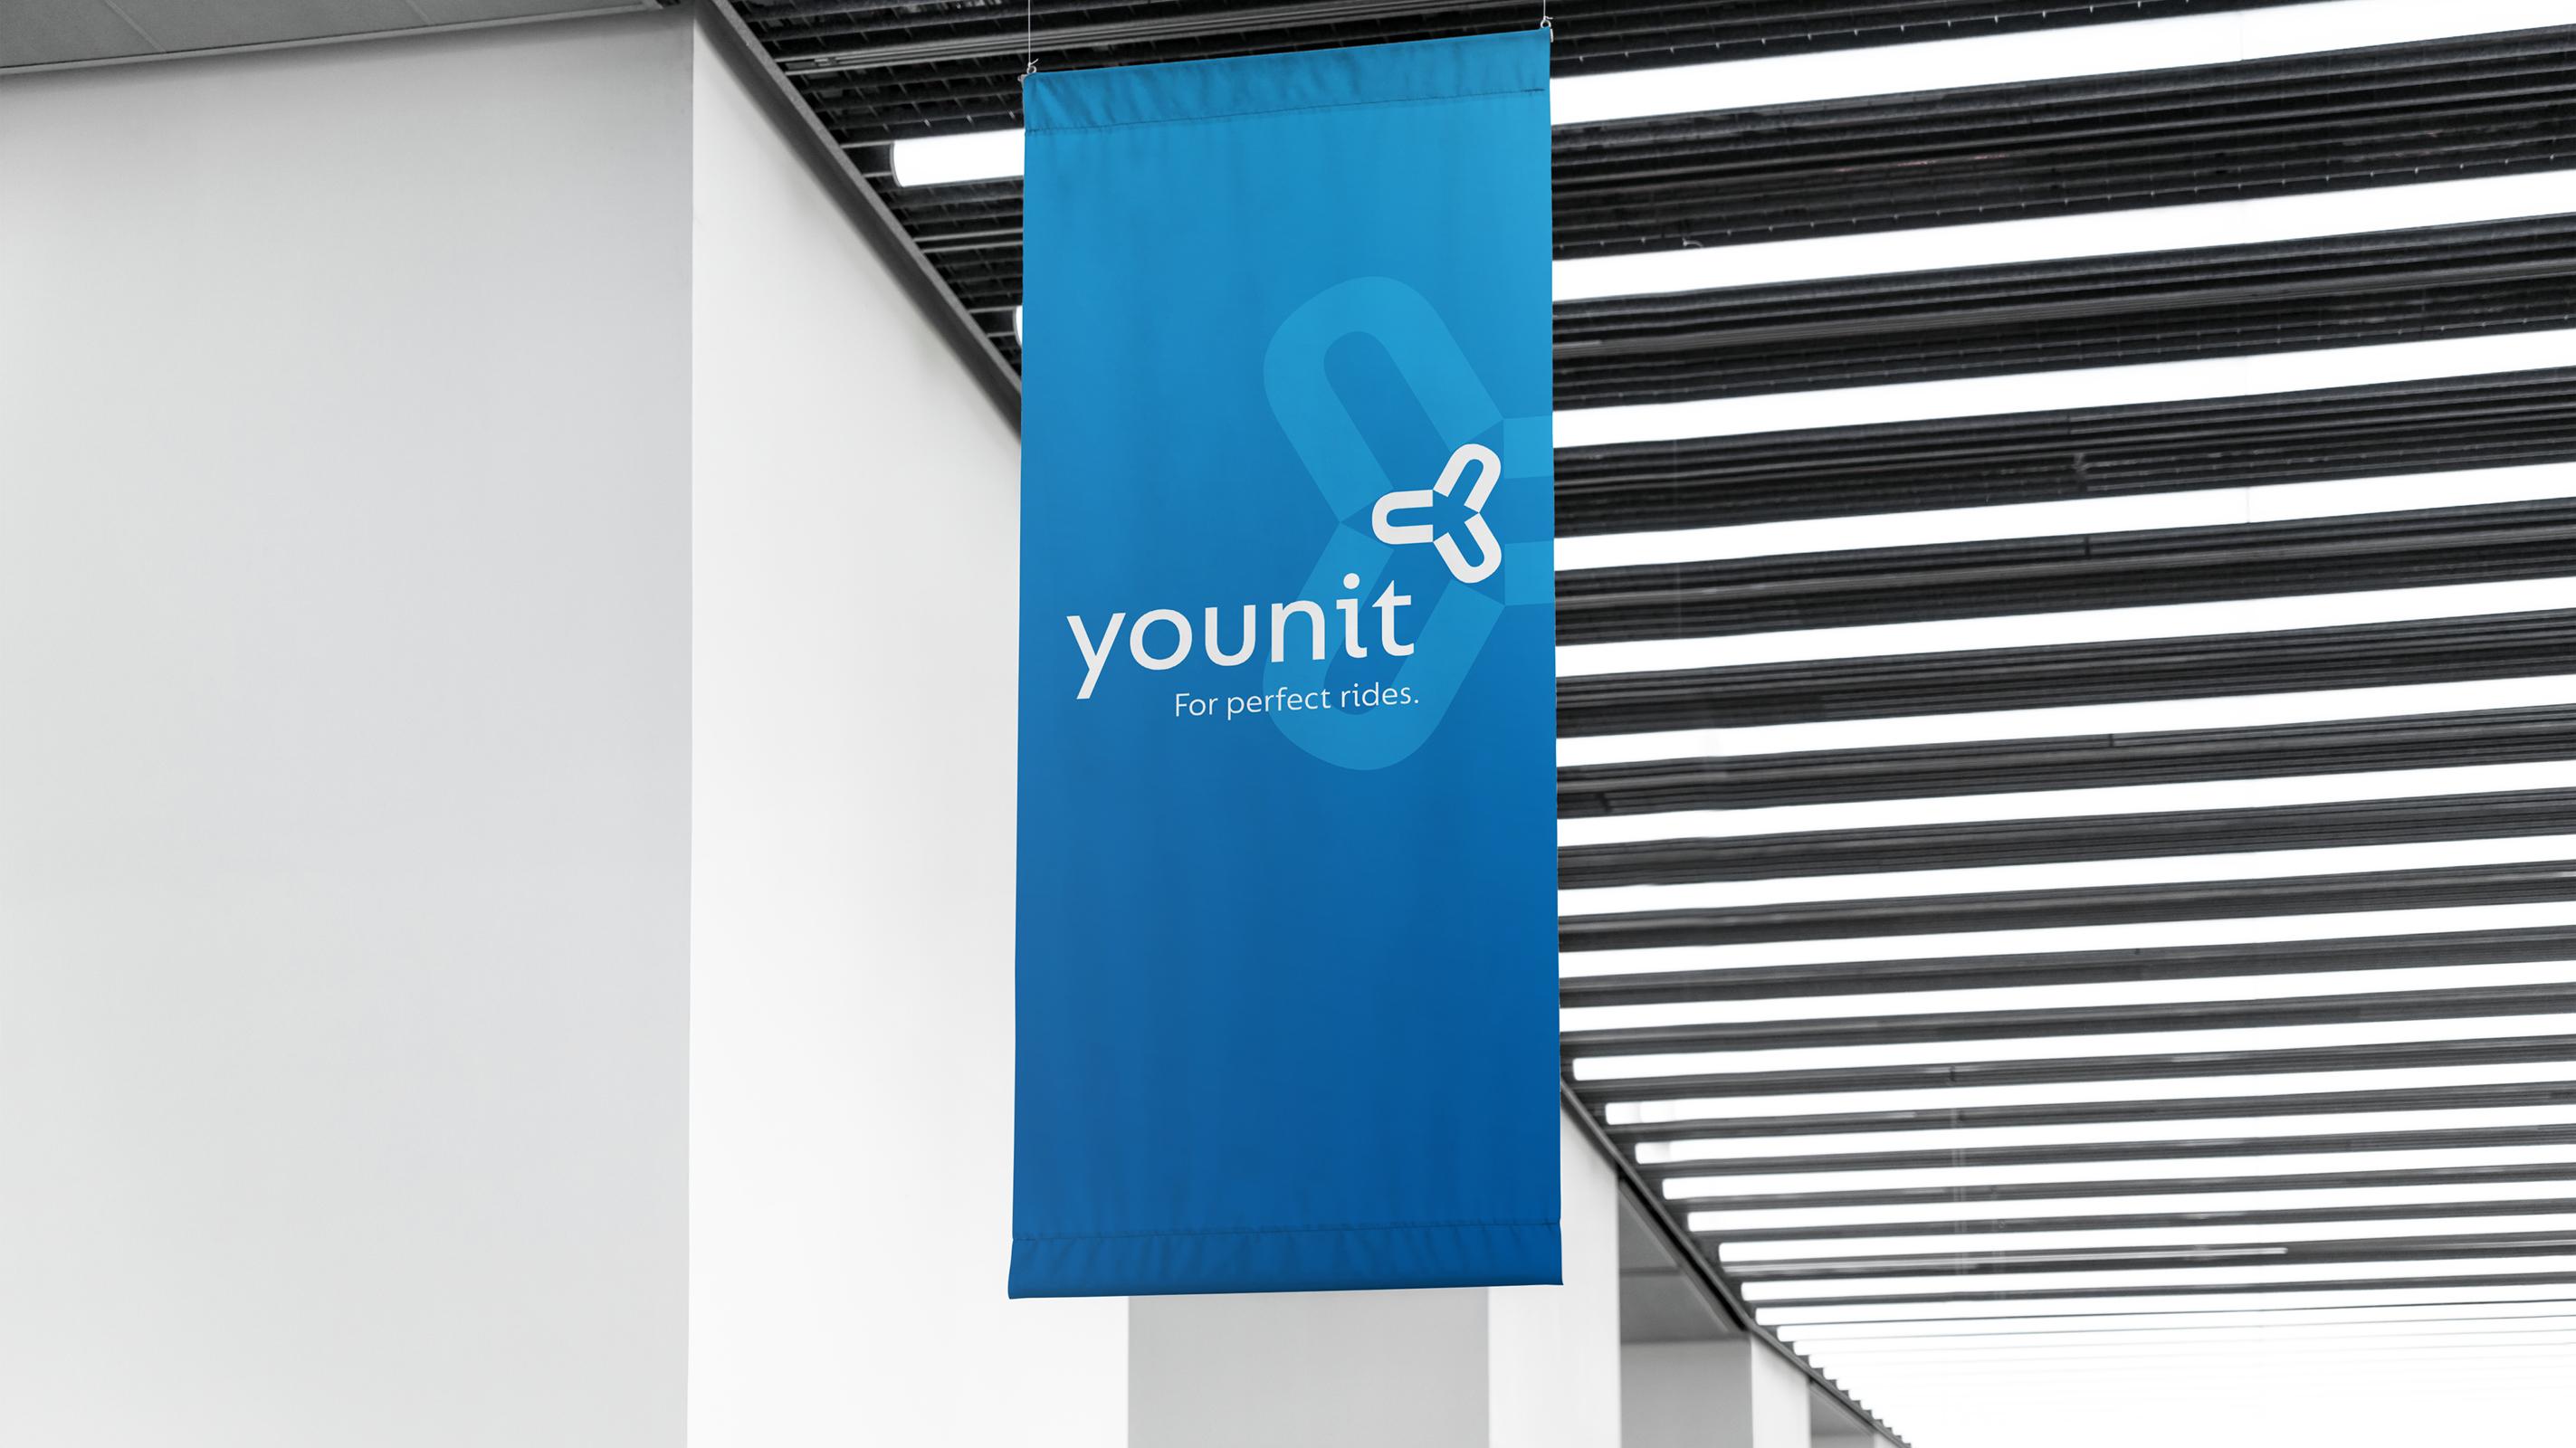 Younit Branding – Poarangan Brand Design8